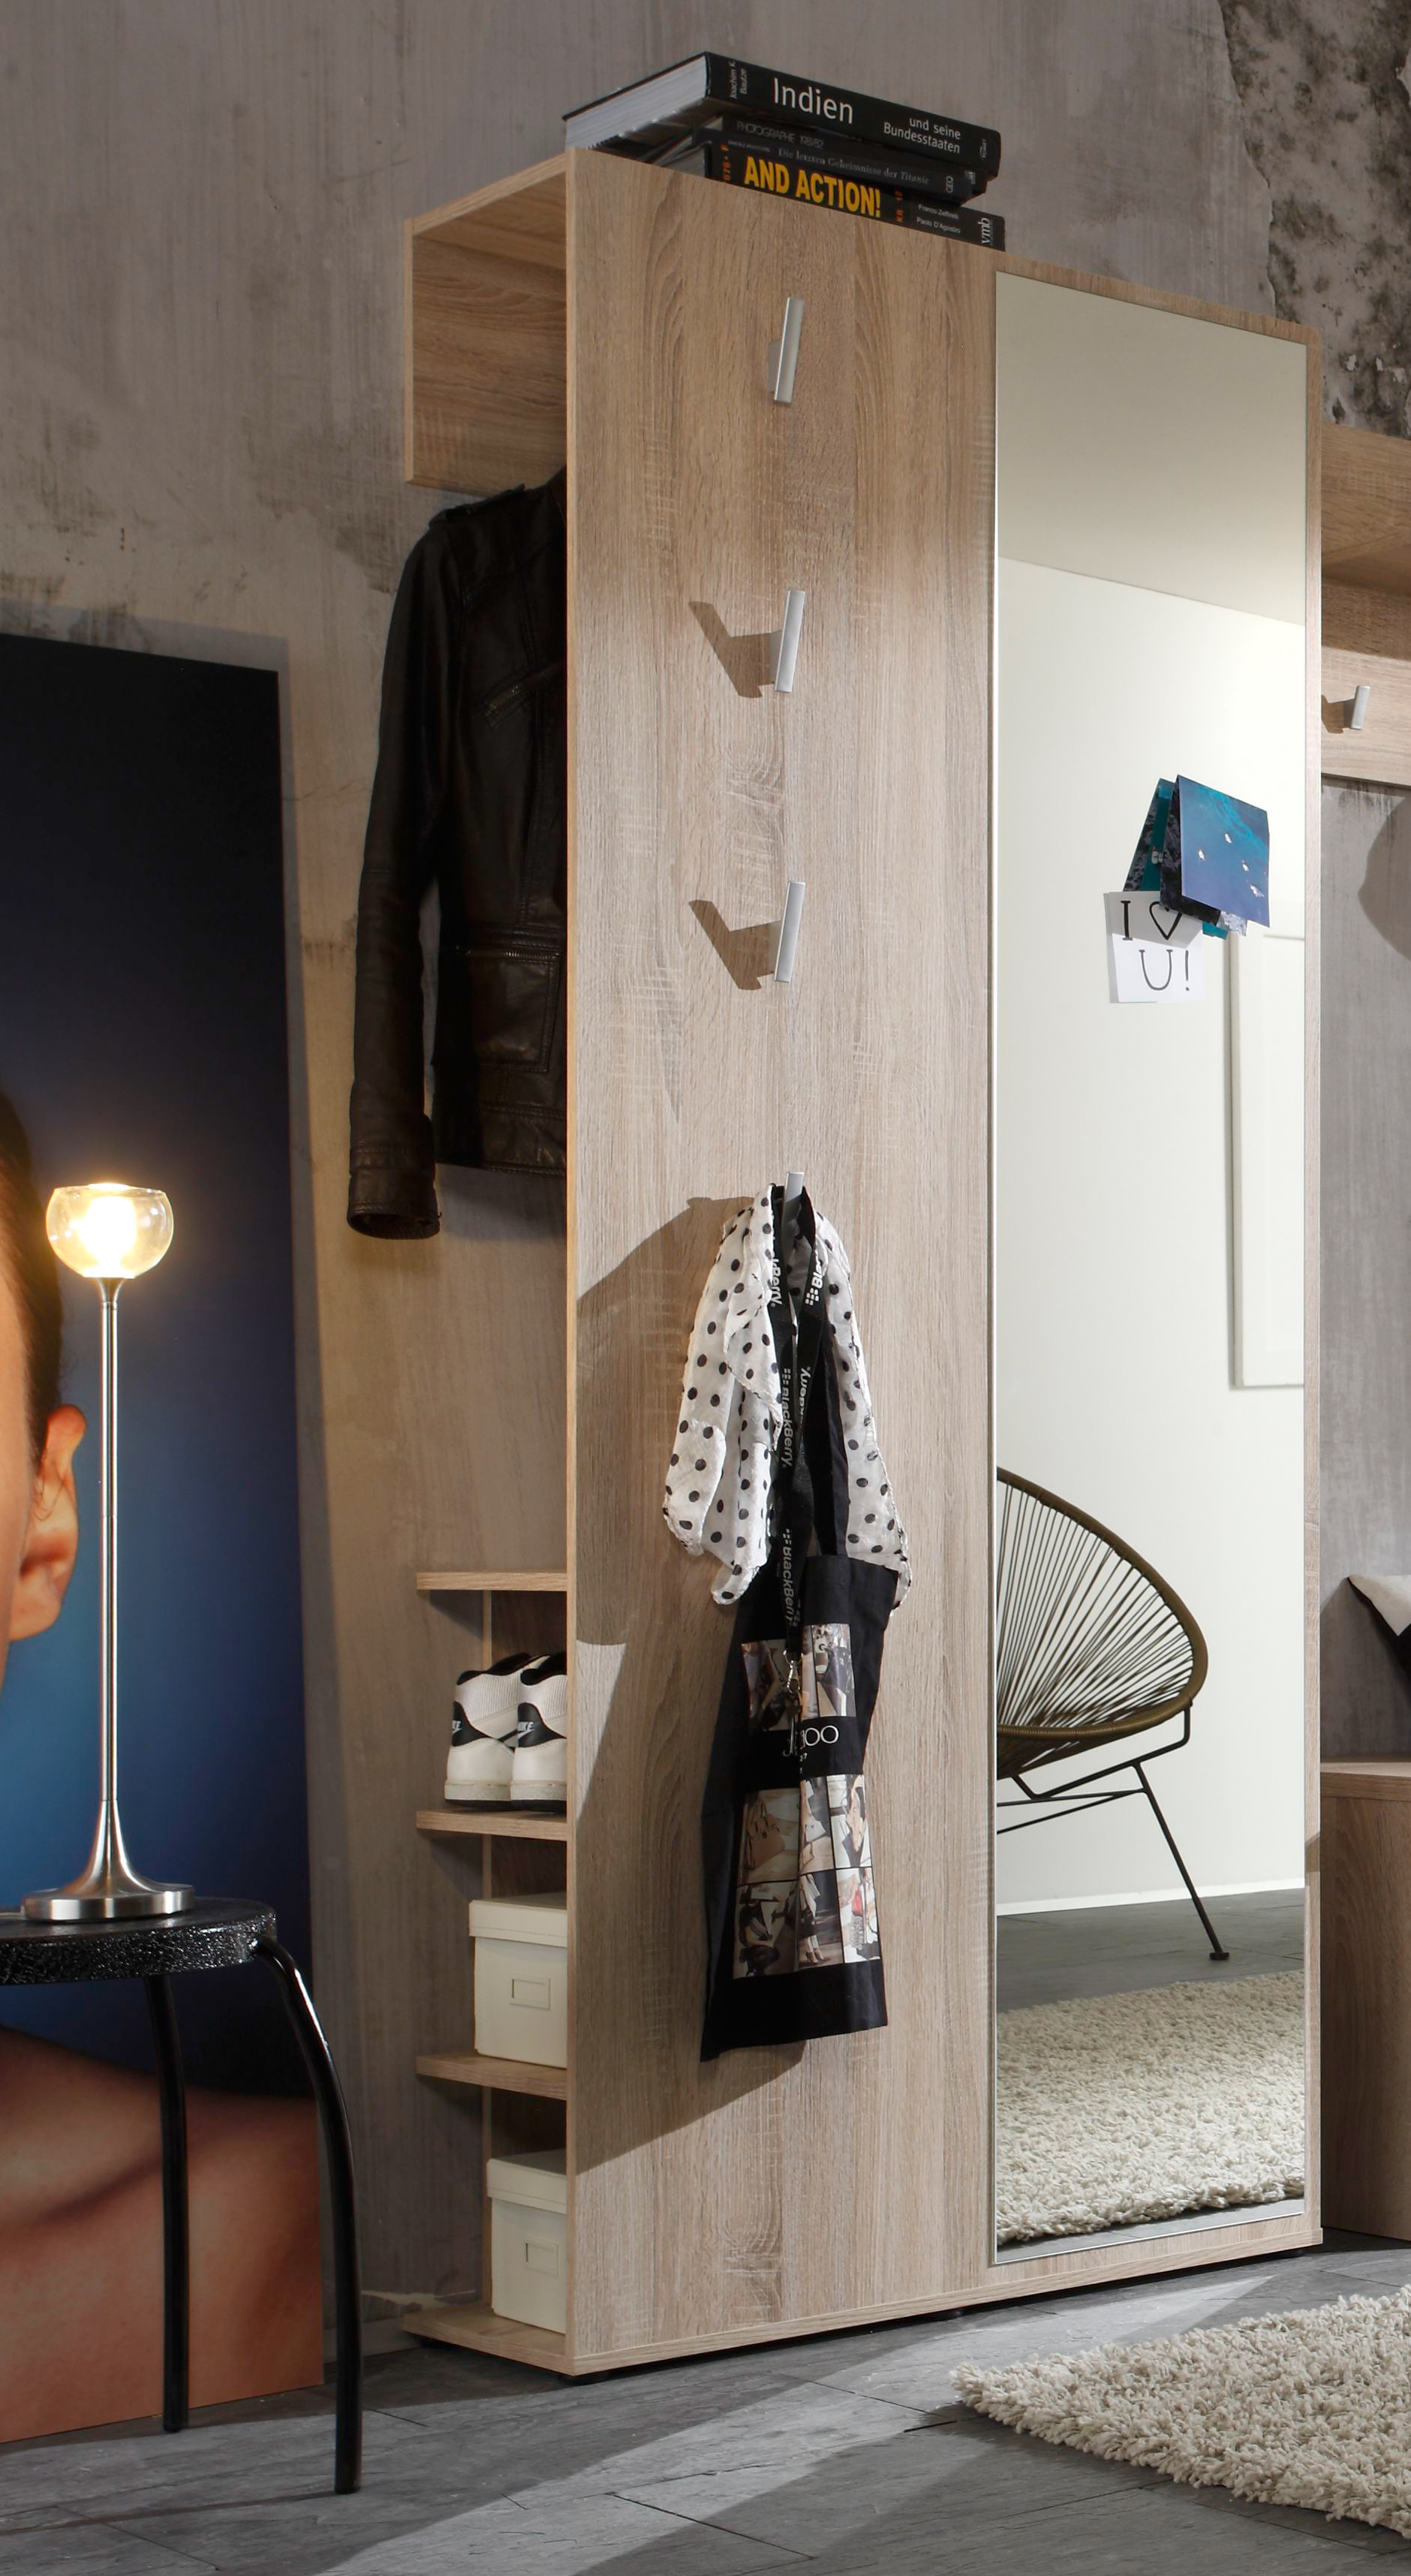 Garderoben In 2020 Wandgarderobe Design Schrankdekoration Innenarchitektur Schlafzimmer